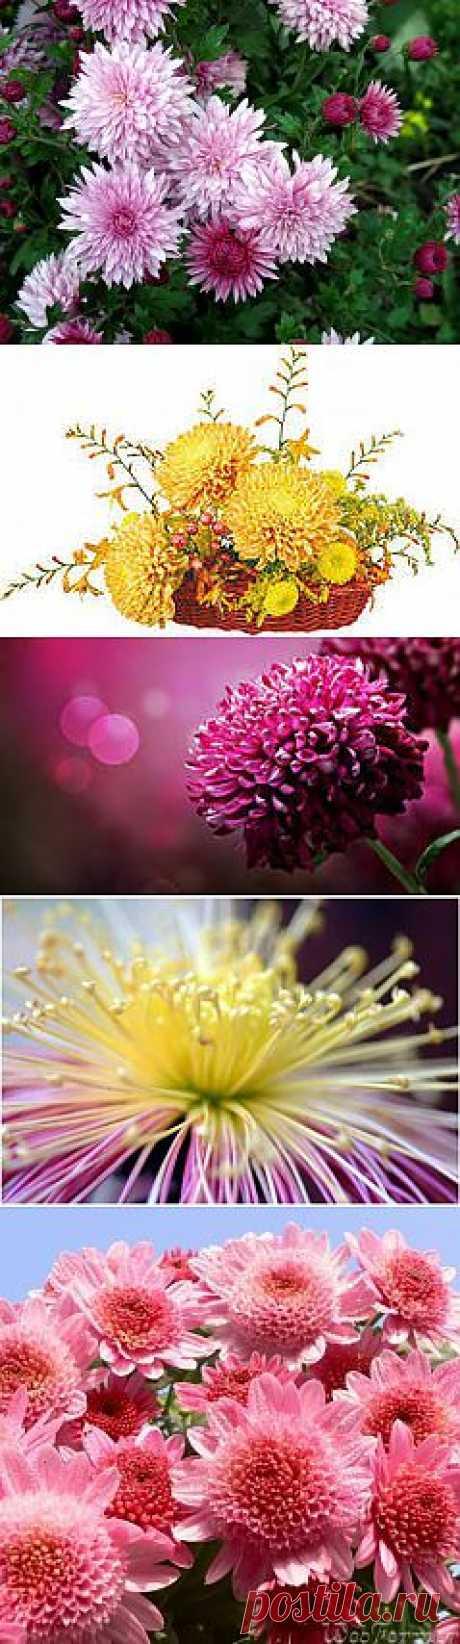 фото цветы хризантемы: